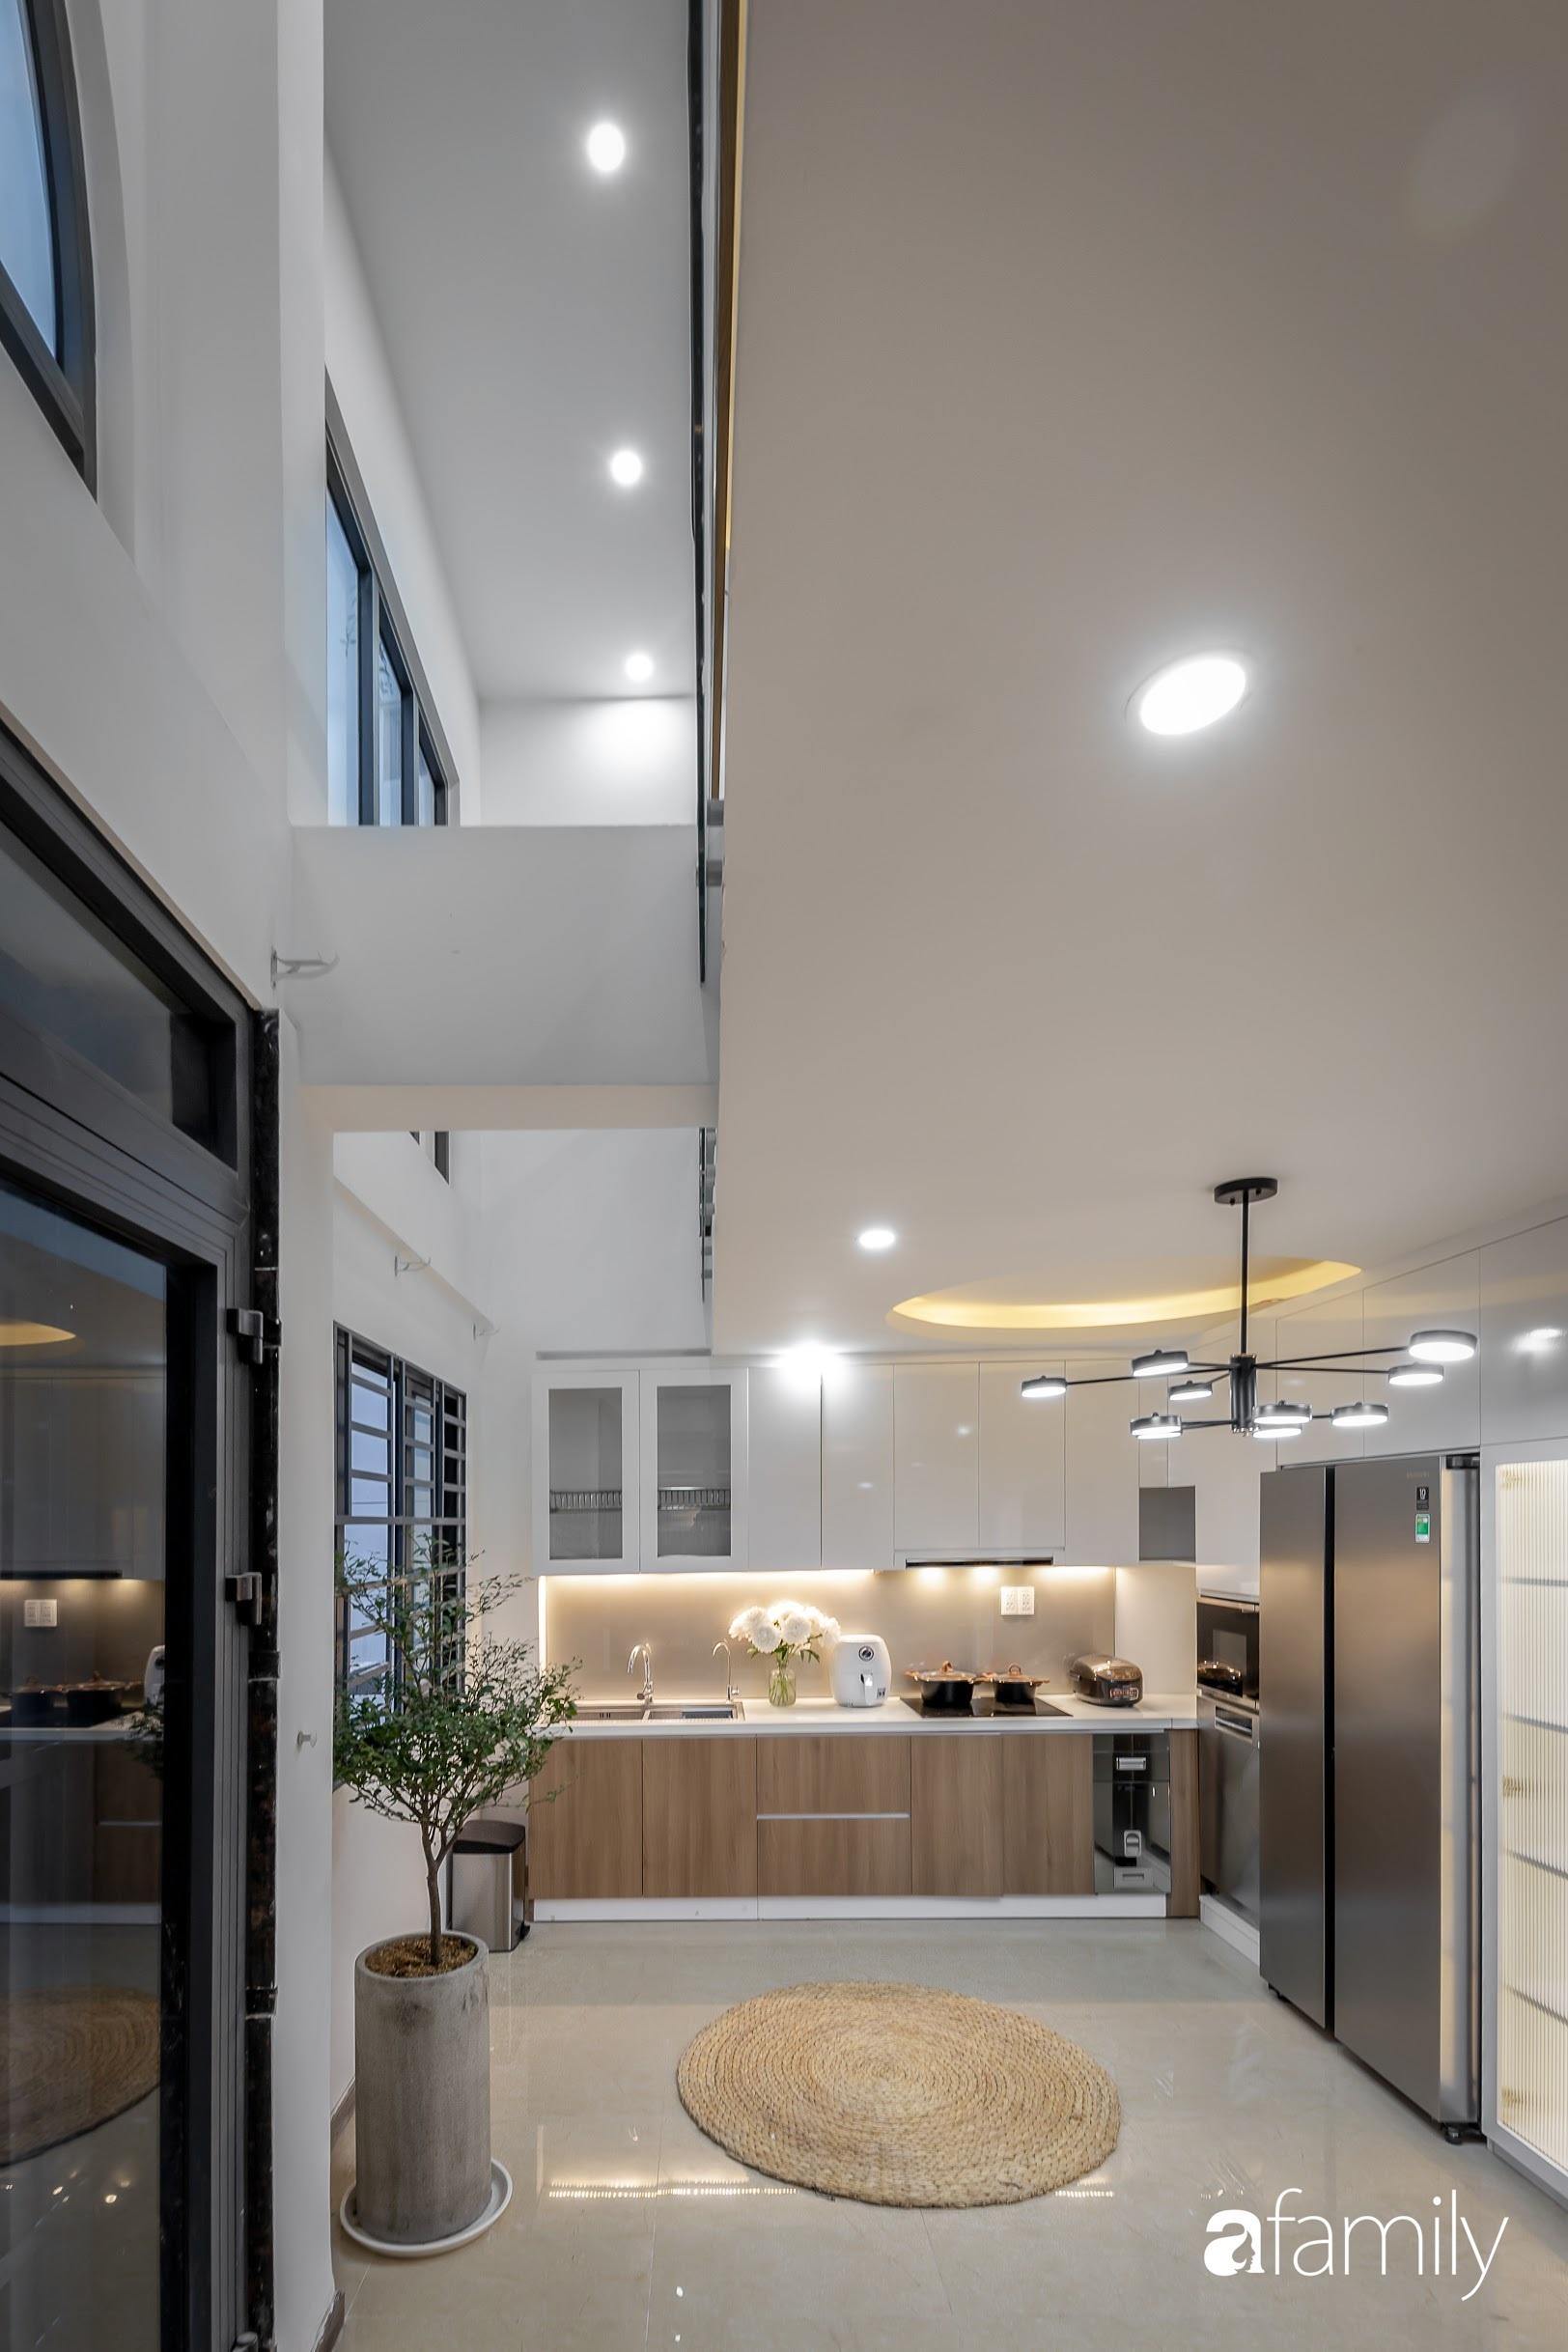 Căn nhà 5 tầng trong hẻm sang chảnh như resort cao cấp với chi phí thiết kế 900 triệu đồng ở TP HCMHCM - Ảnh 18.